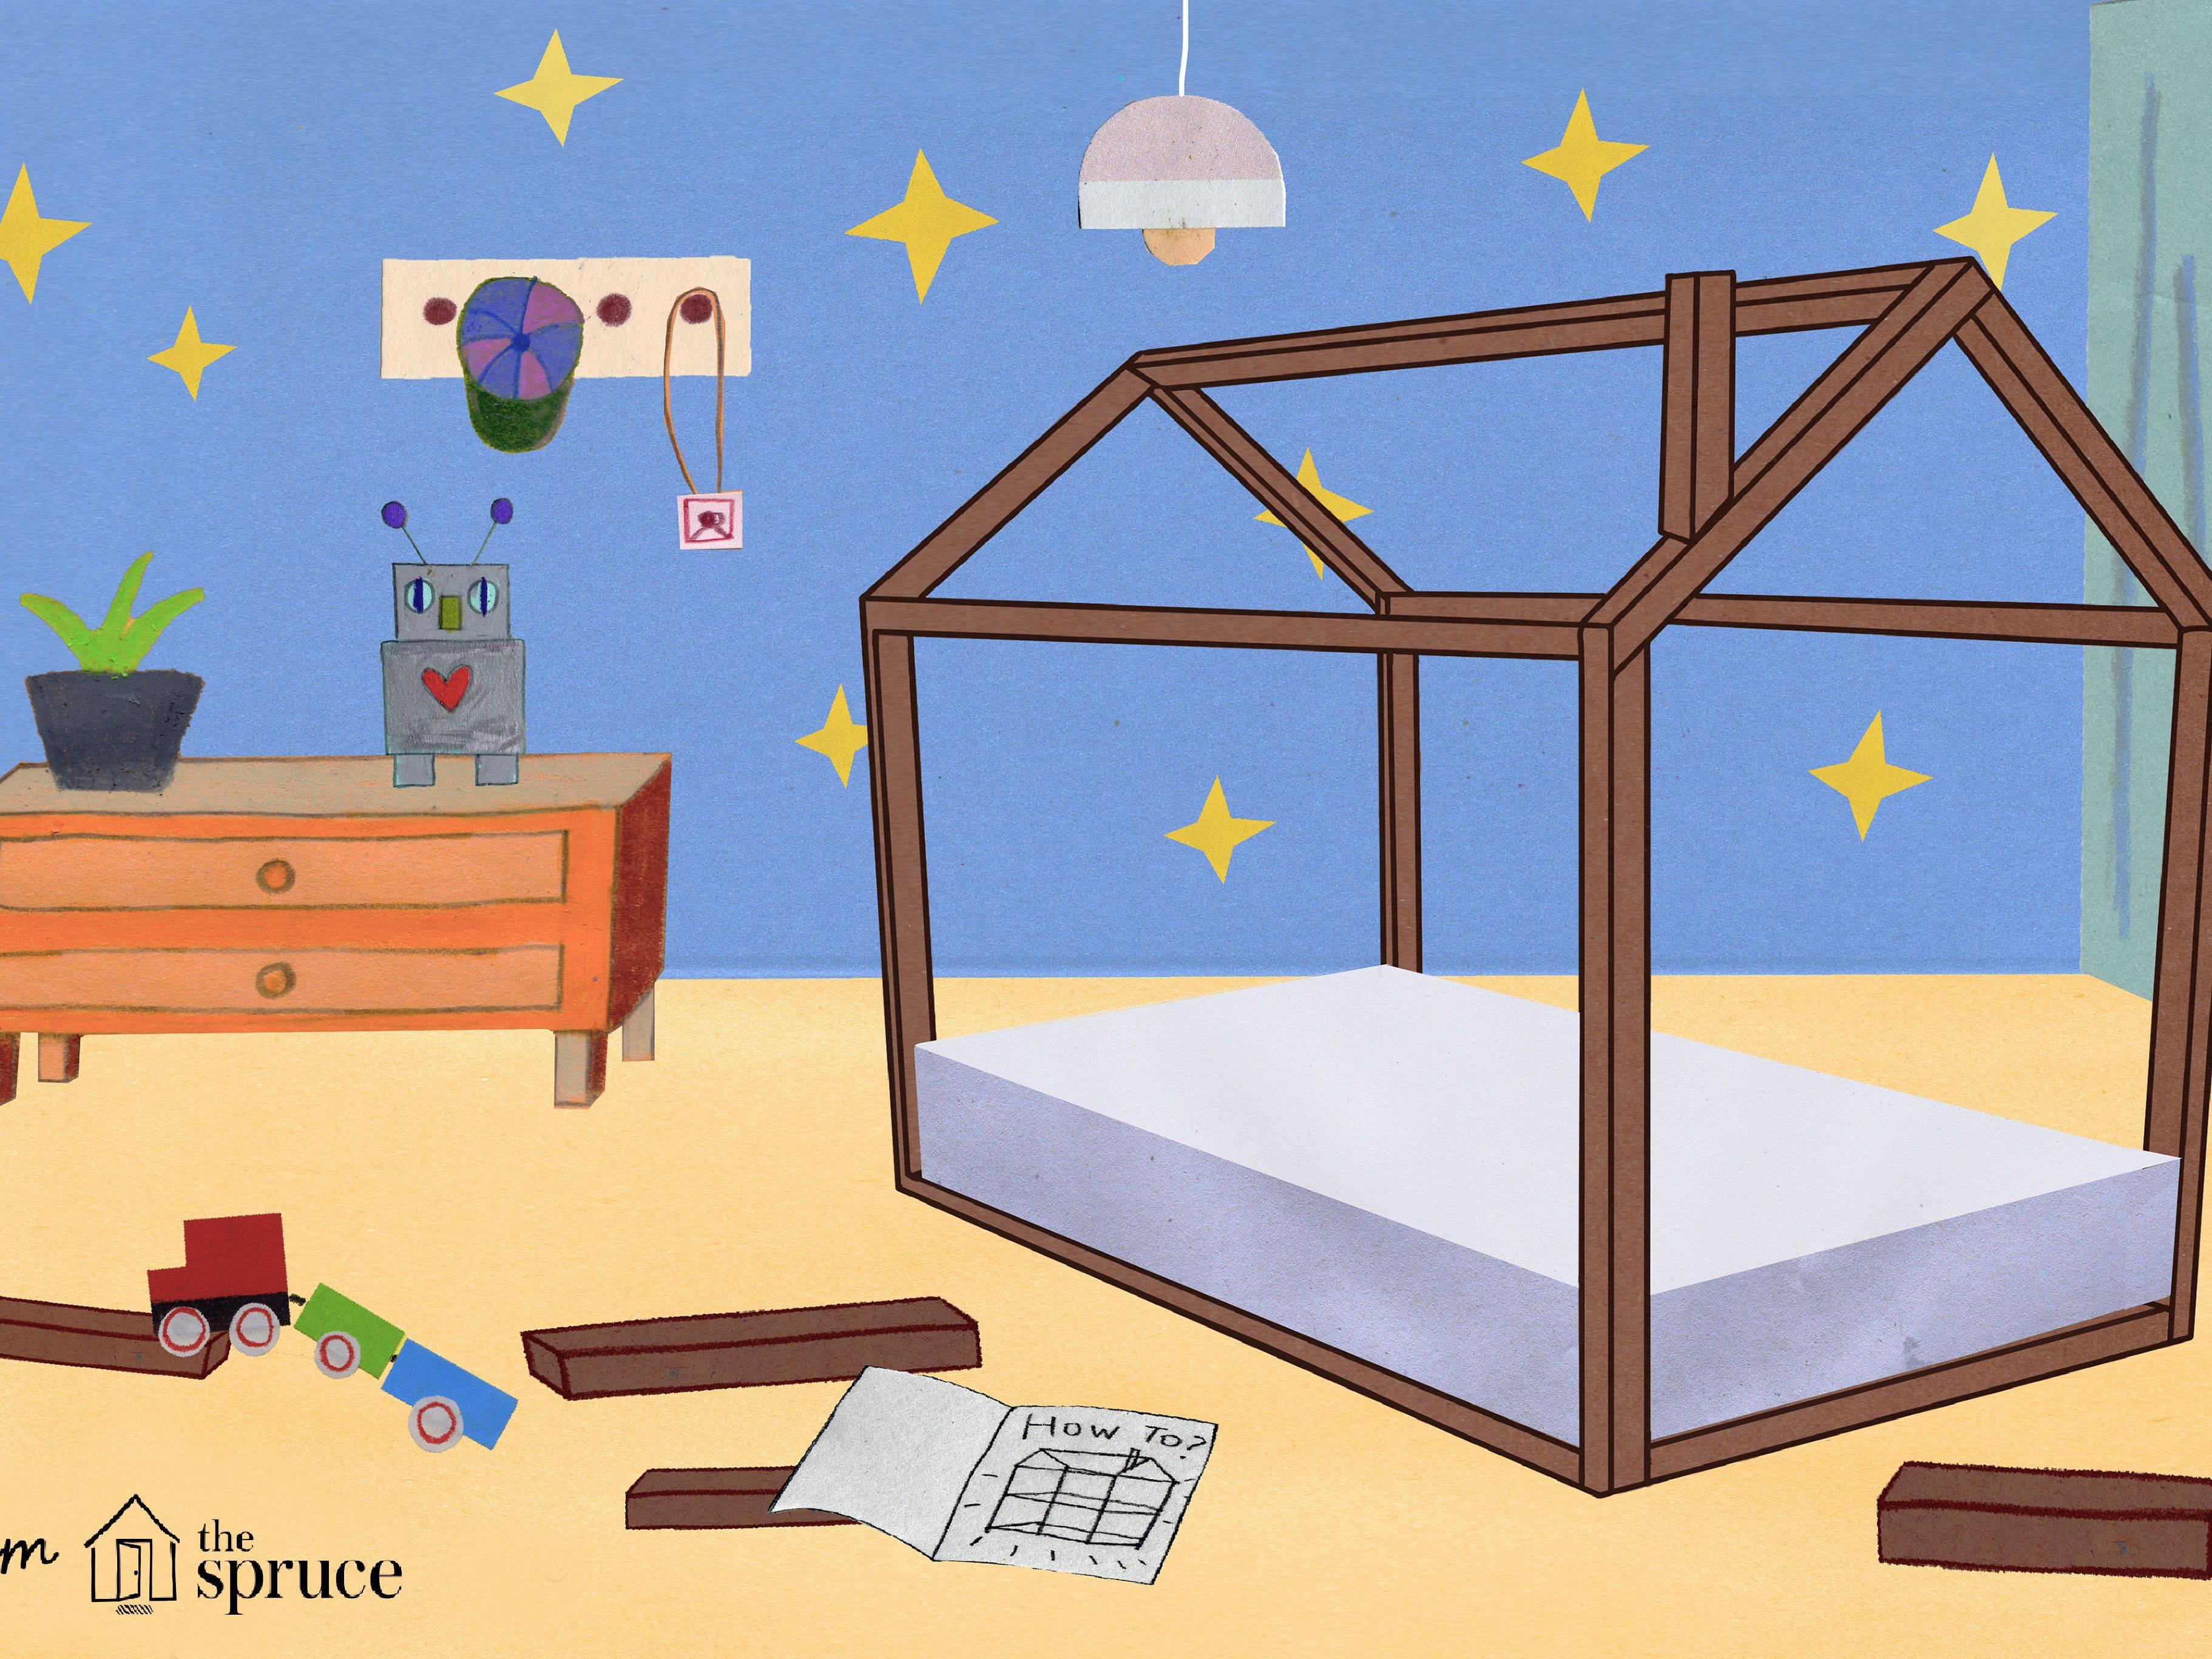 free bunk bed plans final3 7eb6dcc5062c e7375a6d3ac58